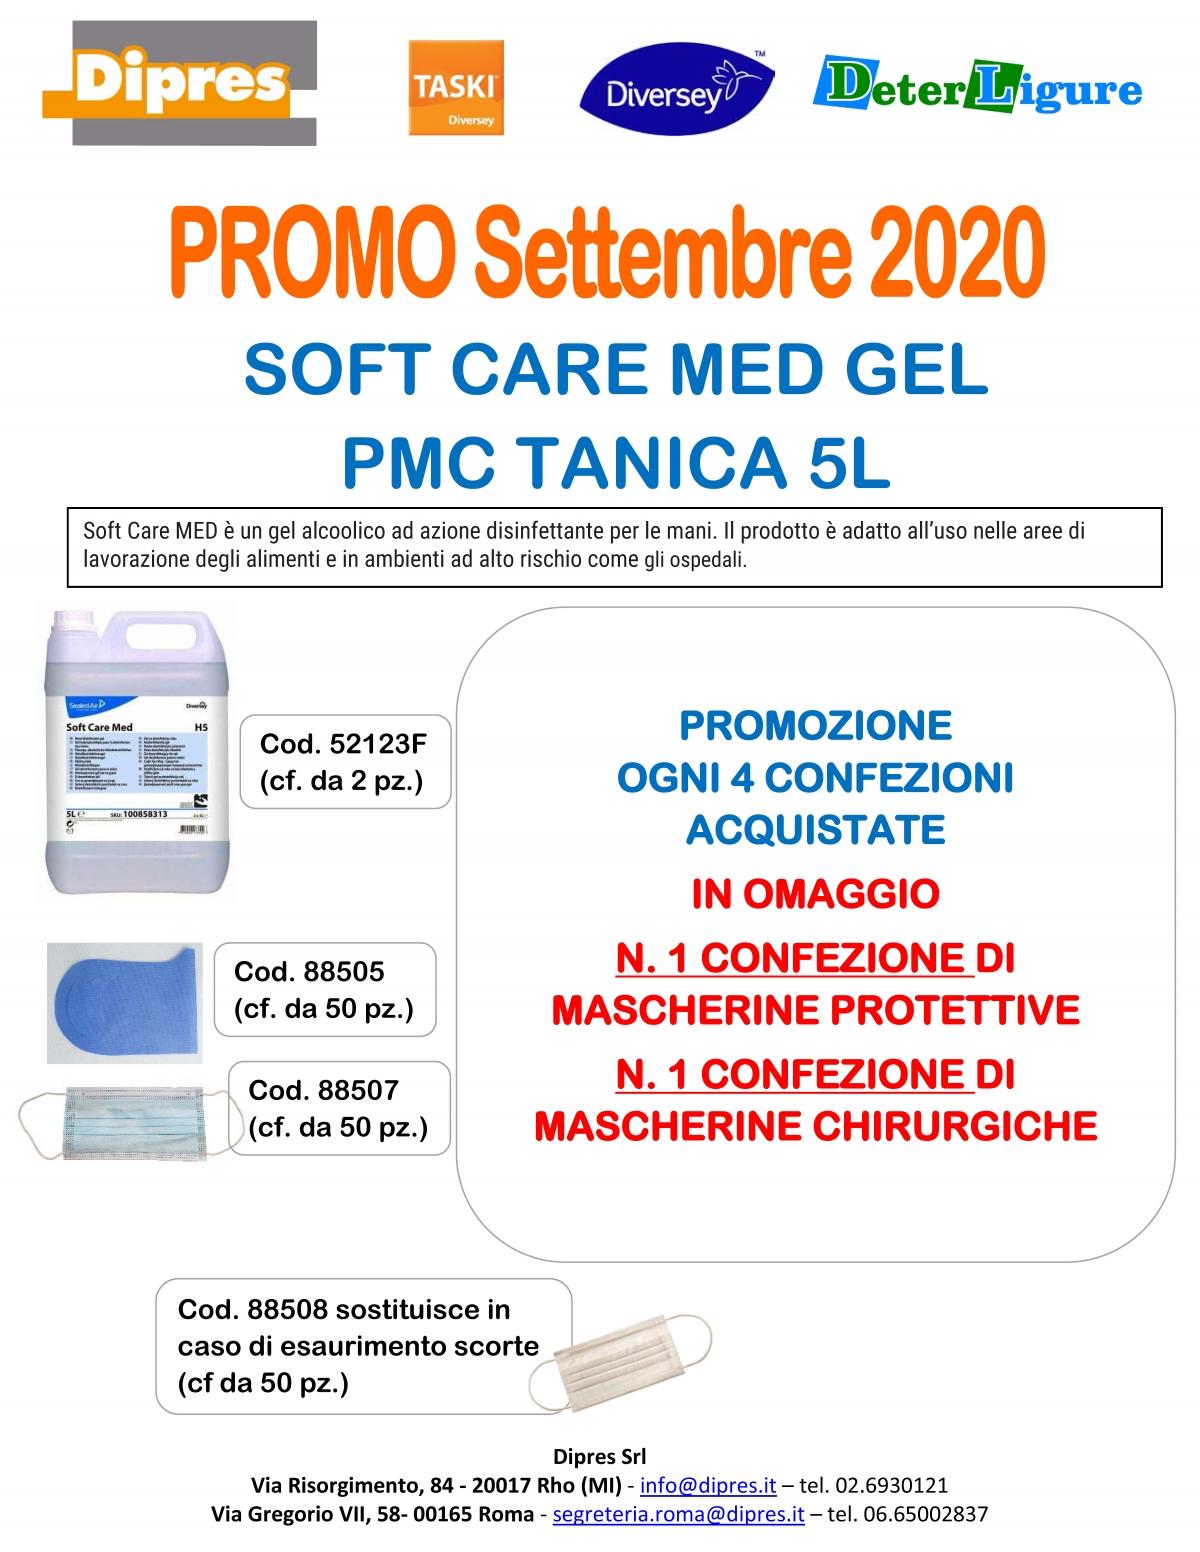 promozione settembre 2020 soft care med